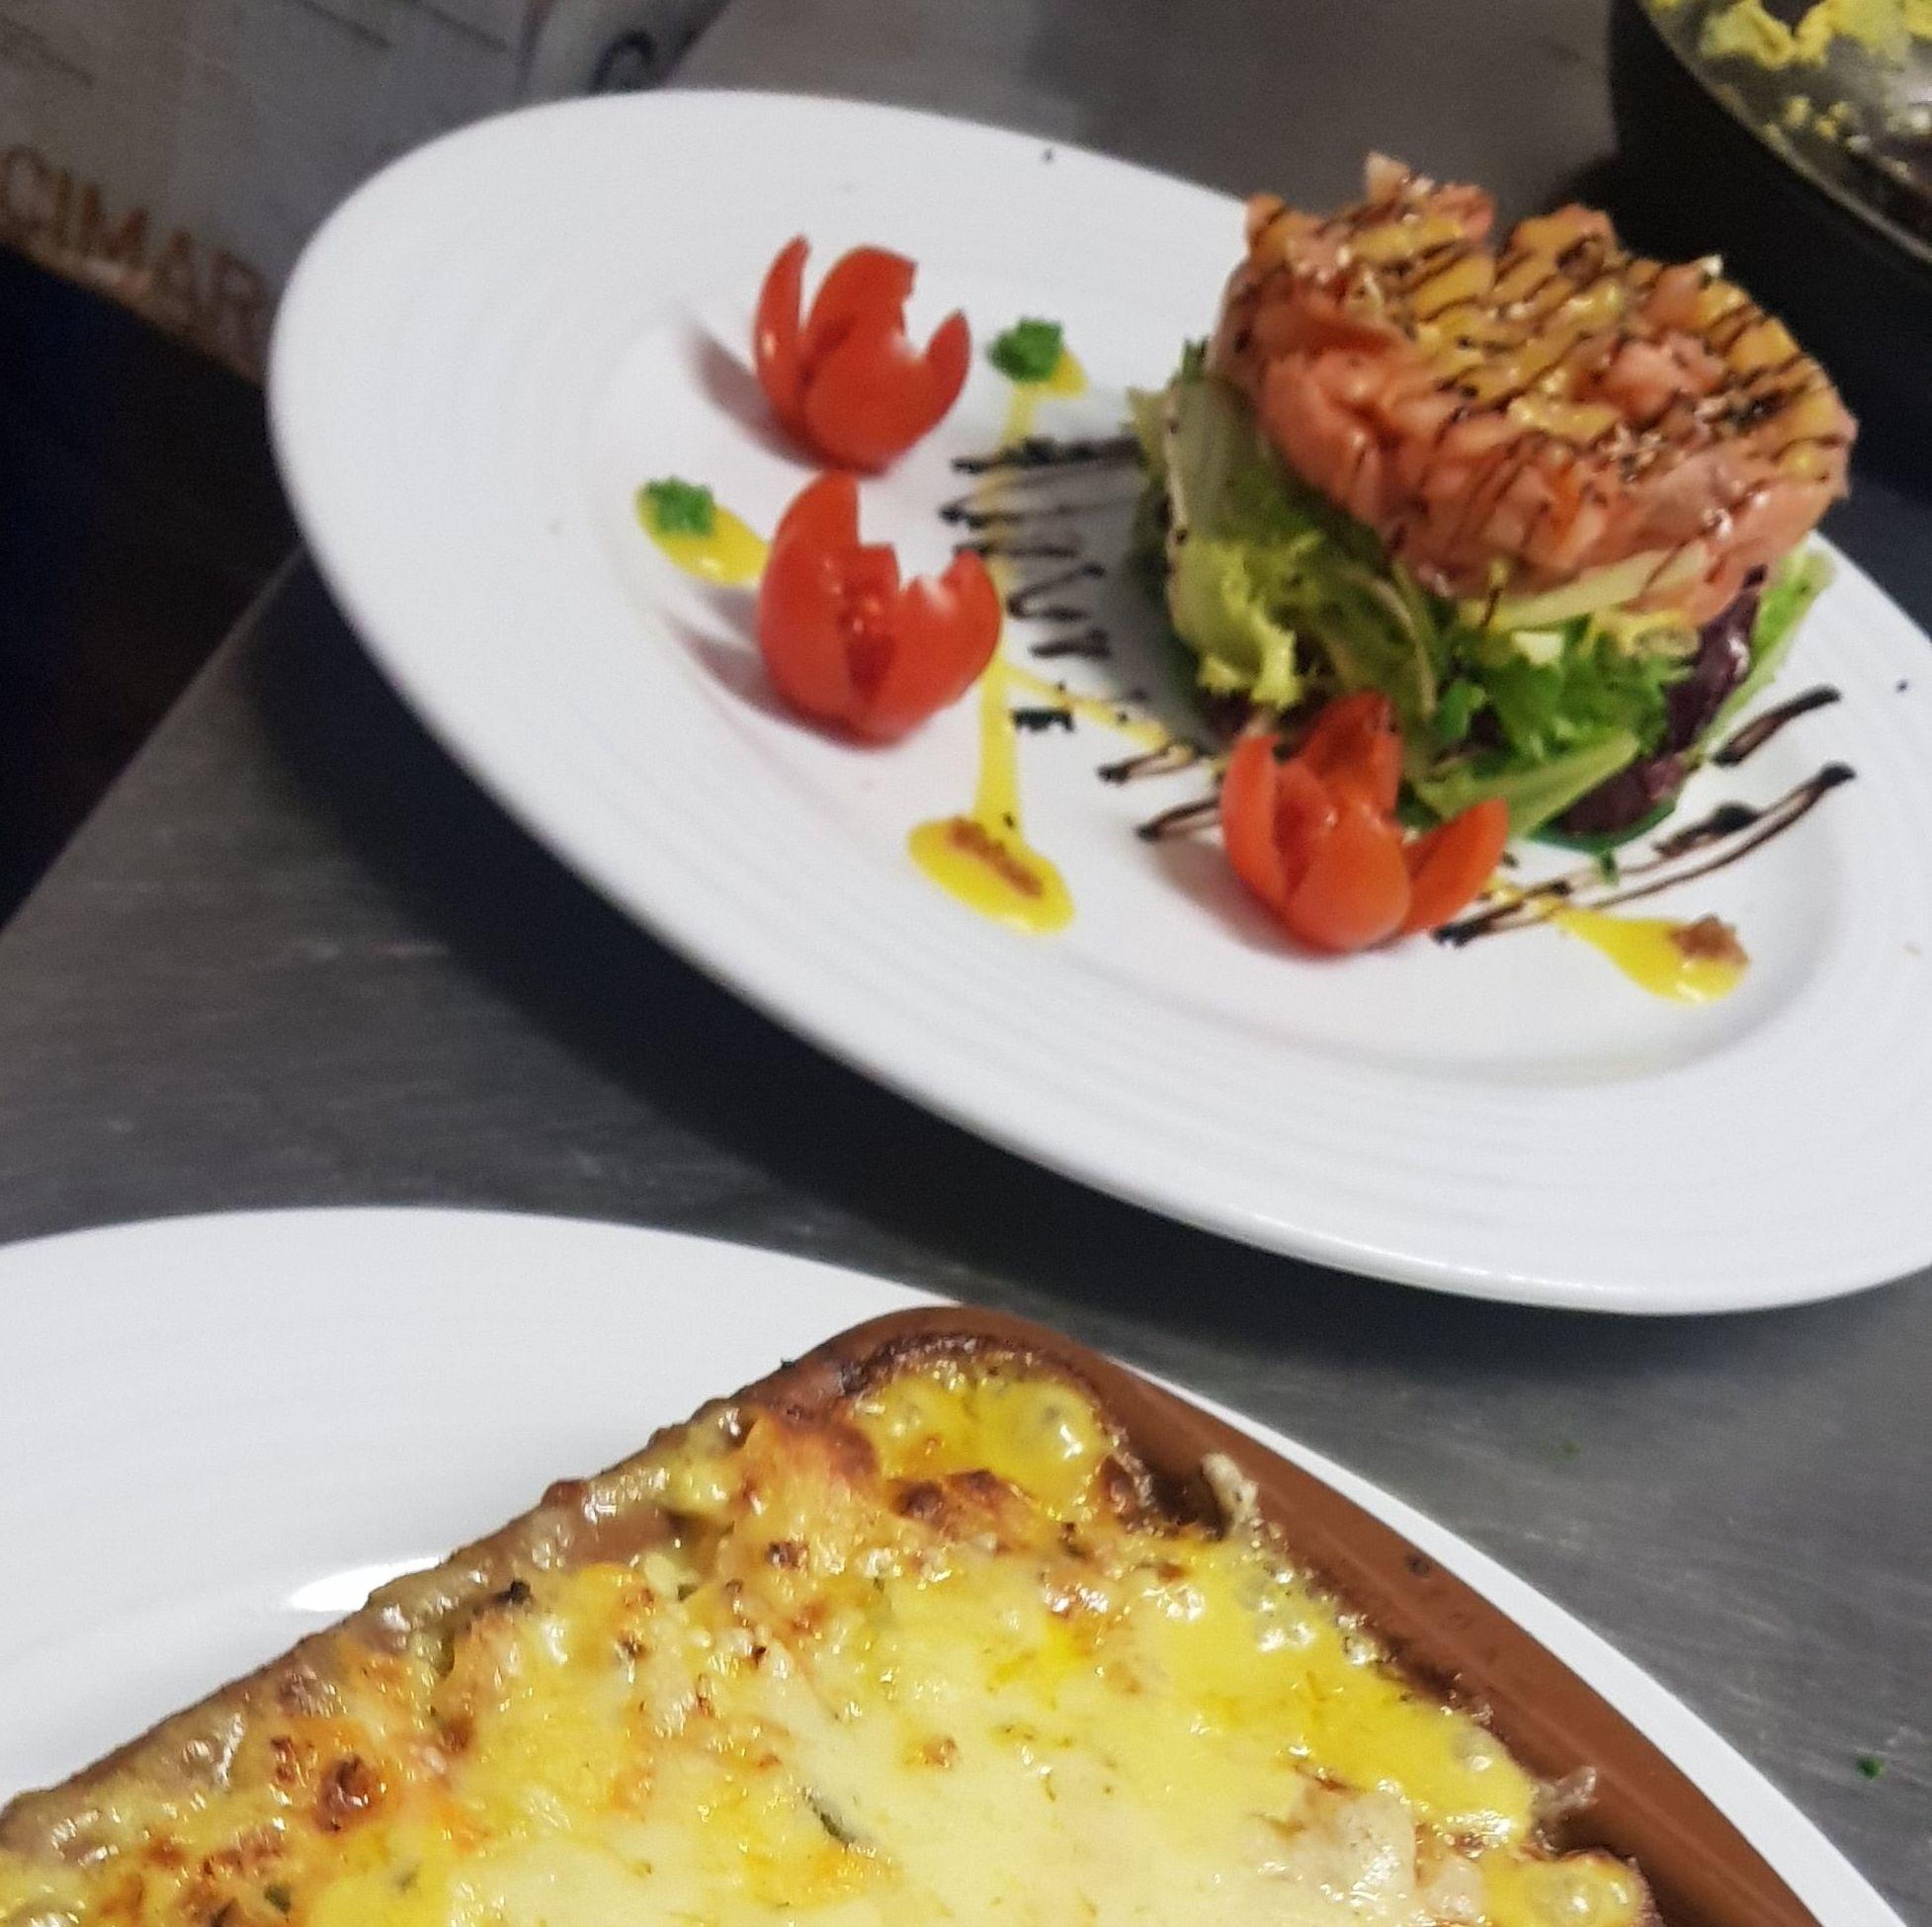 Foto 32 de Restaurante en Alcalá de Henares | Restaurante Skrei Noruego